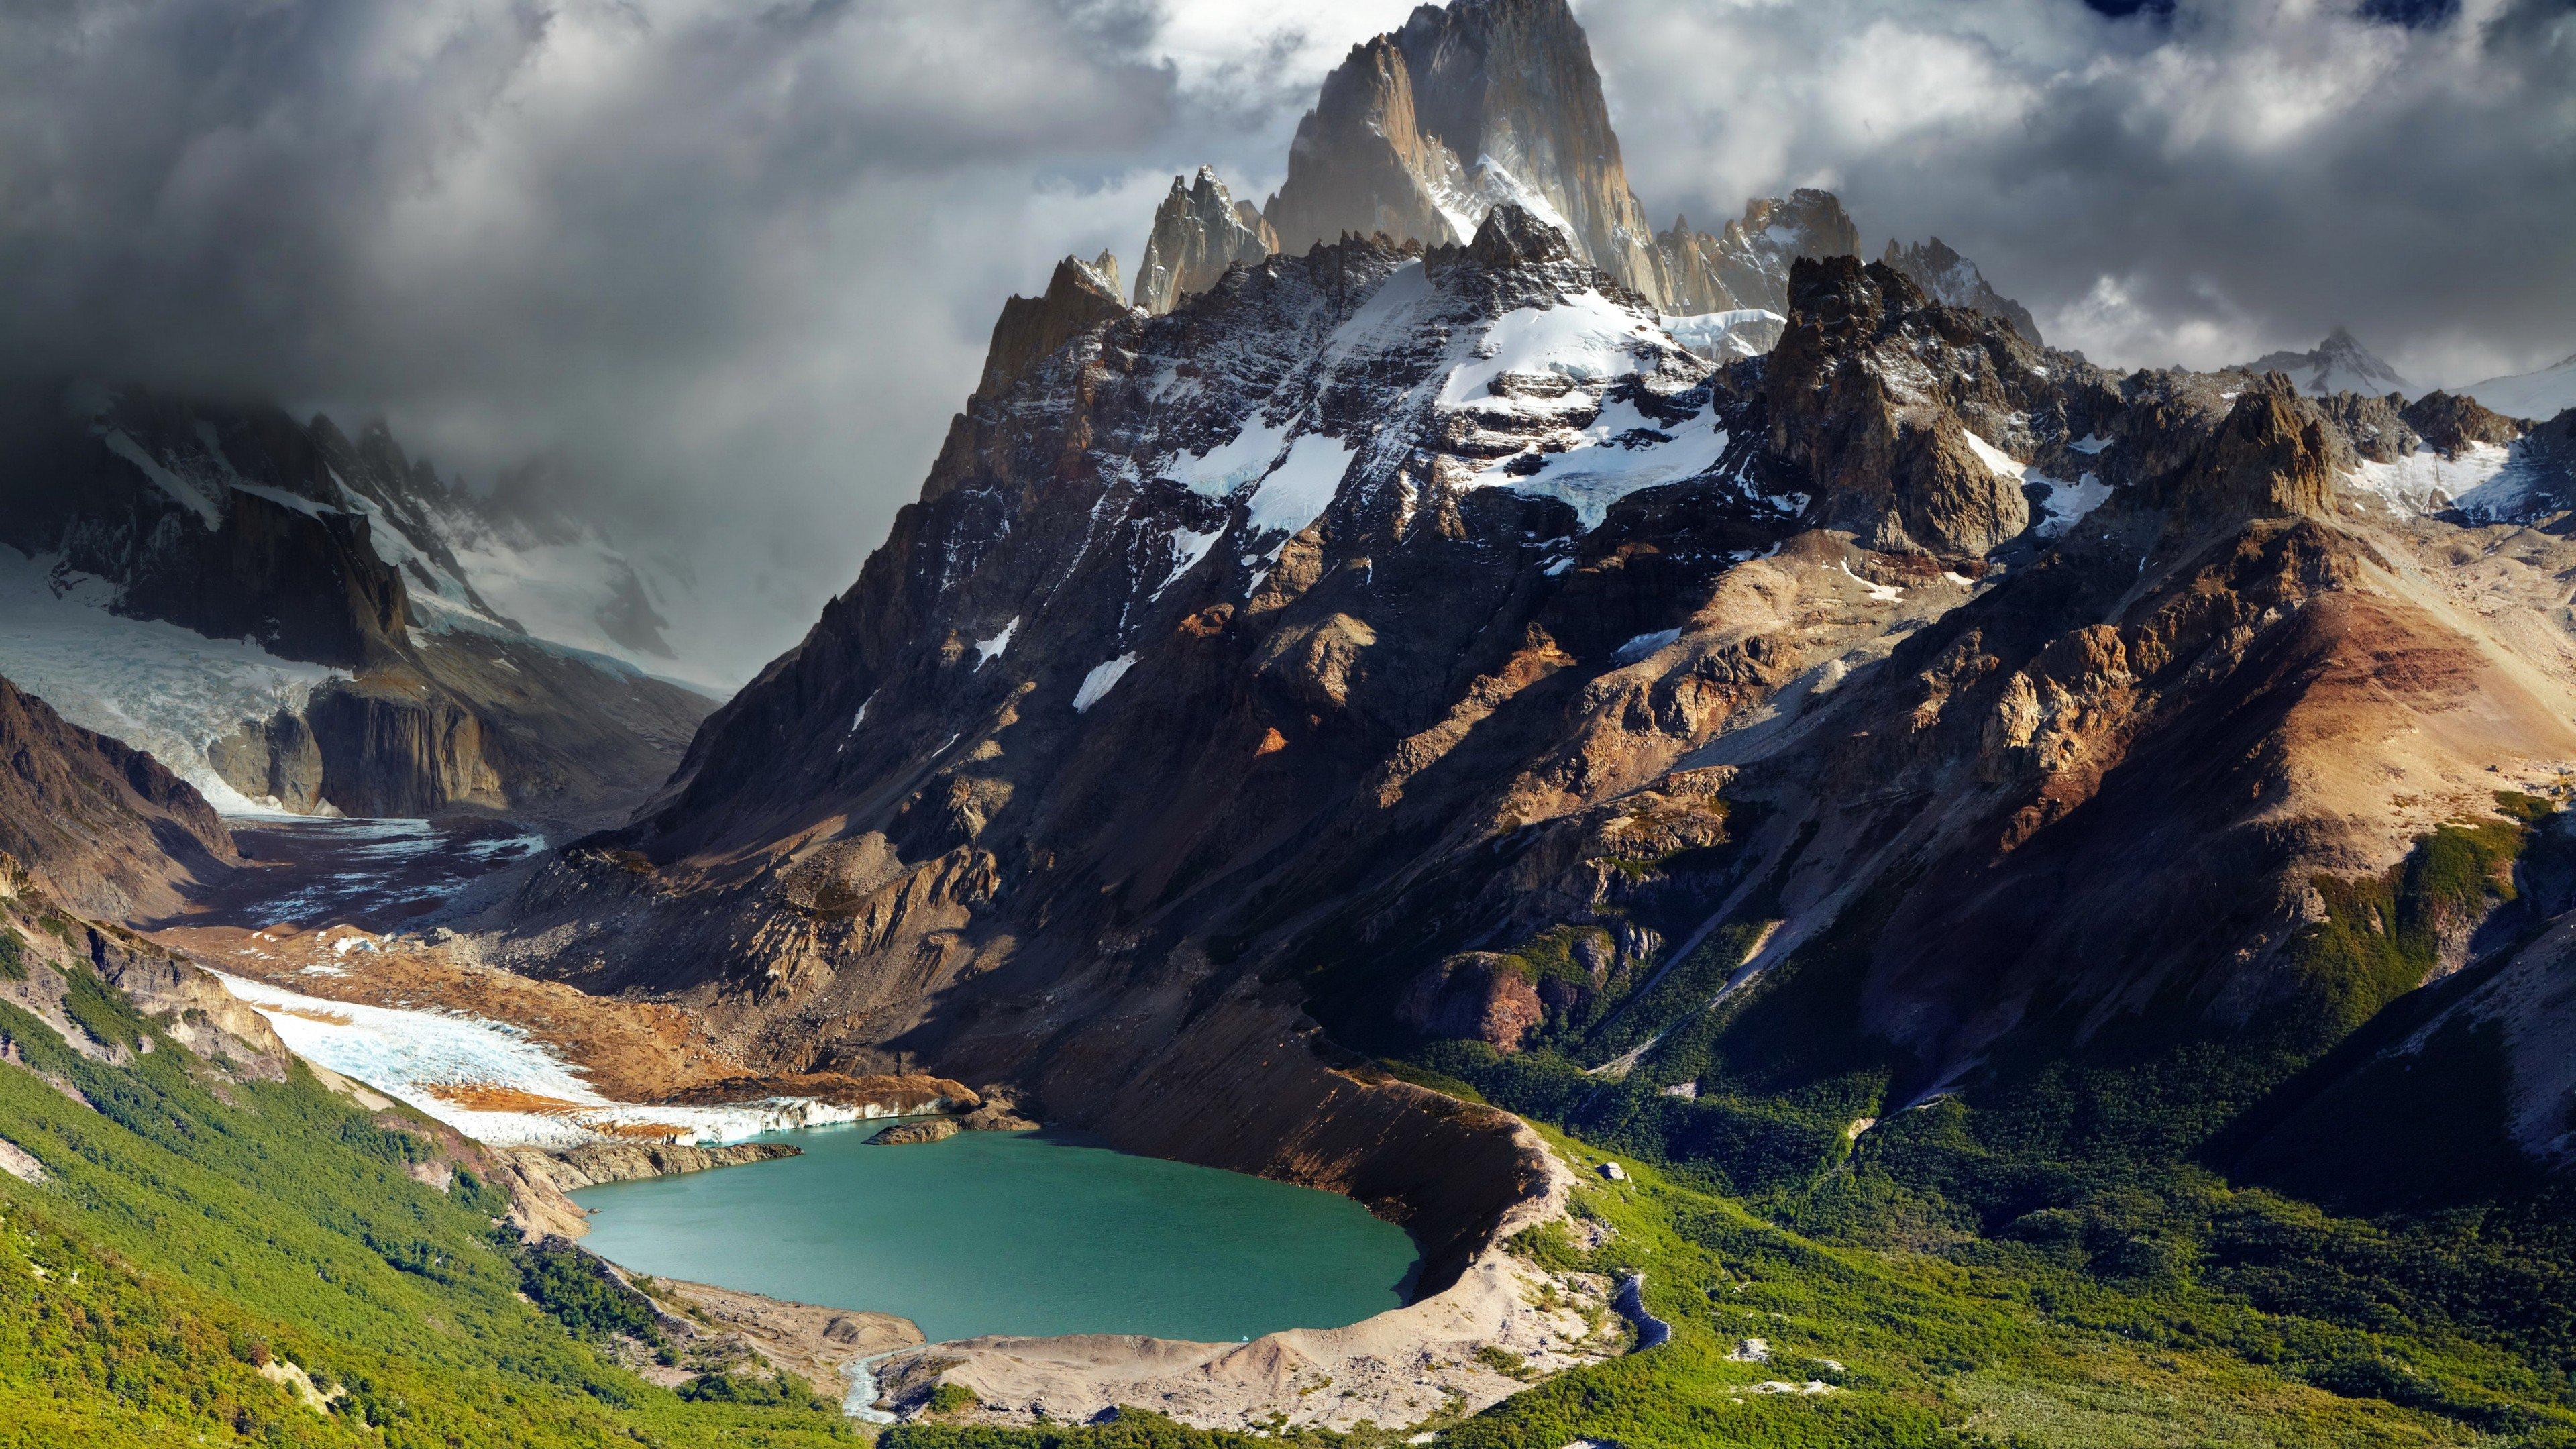 Fondos de pantalla Montañas en Patagonia Argentina